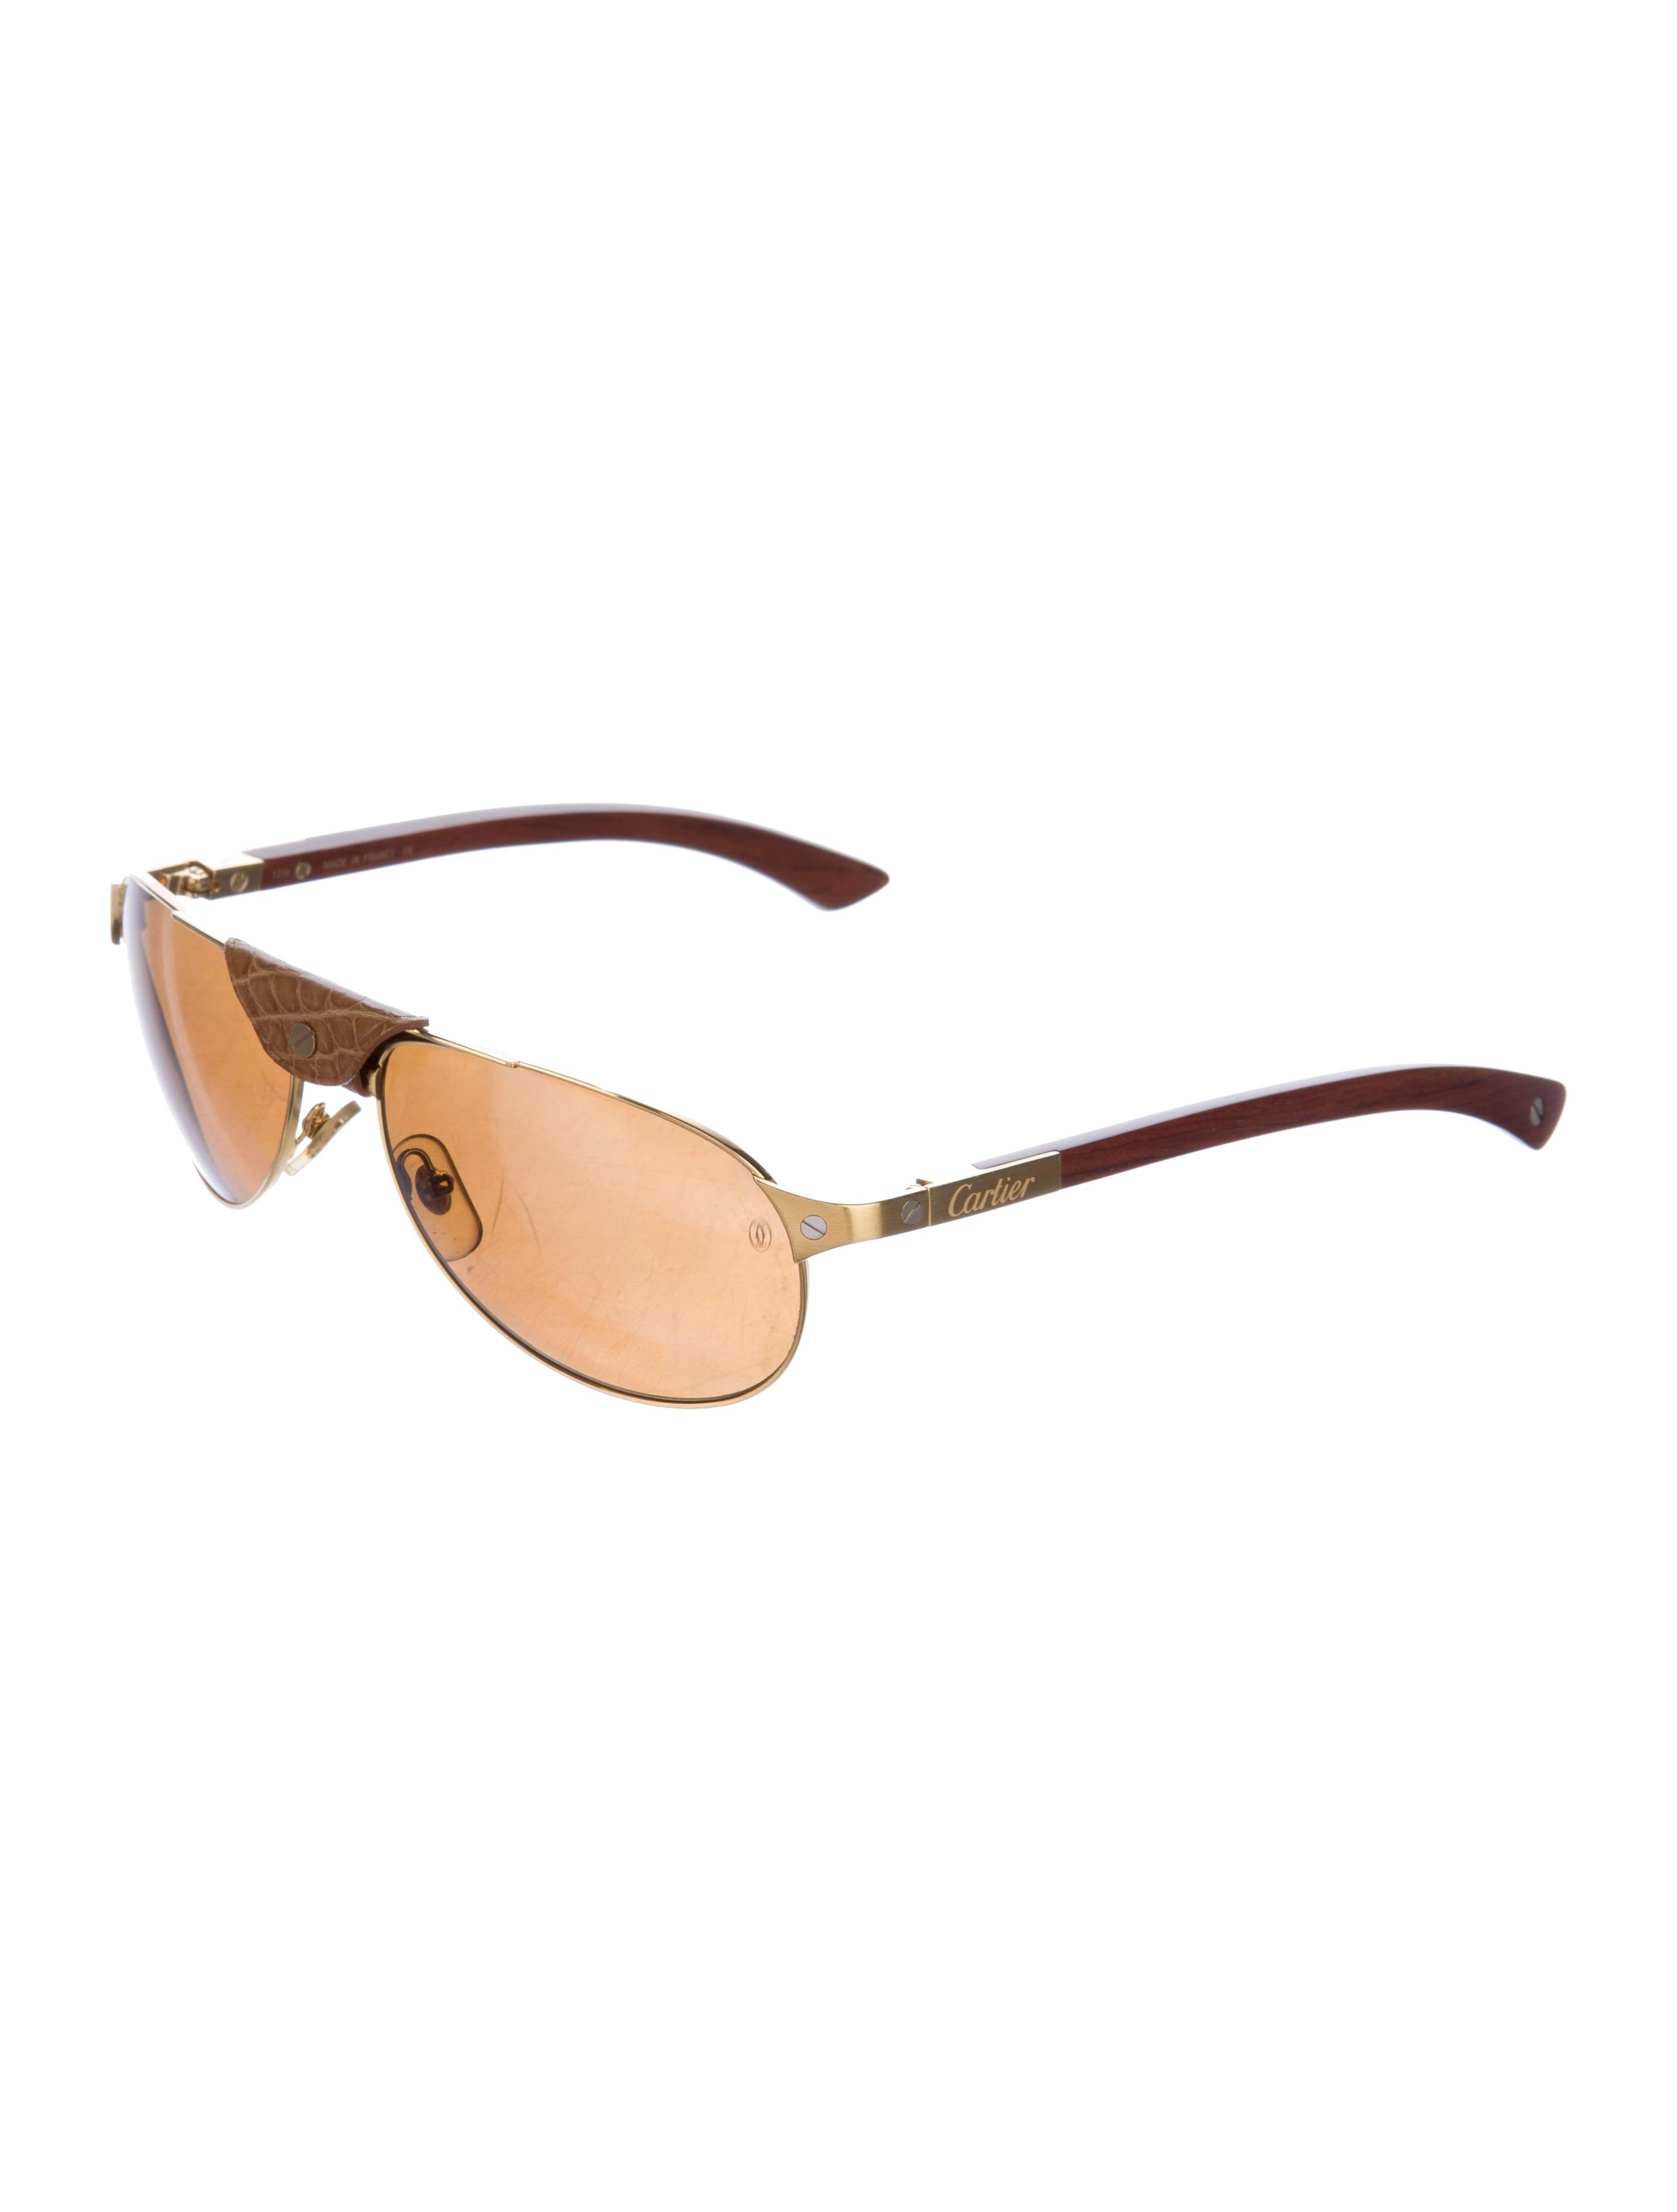 43168be949 Cartier Santos Dumont Sunglasses